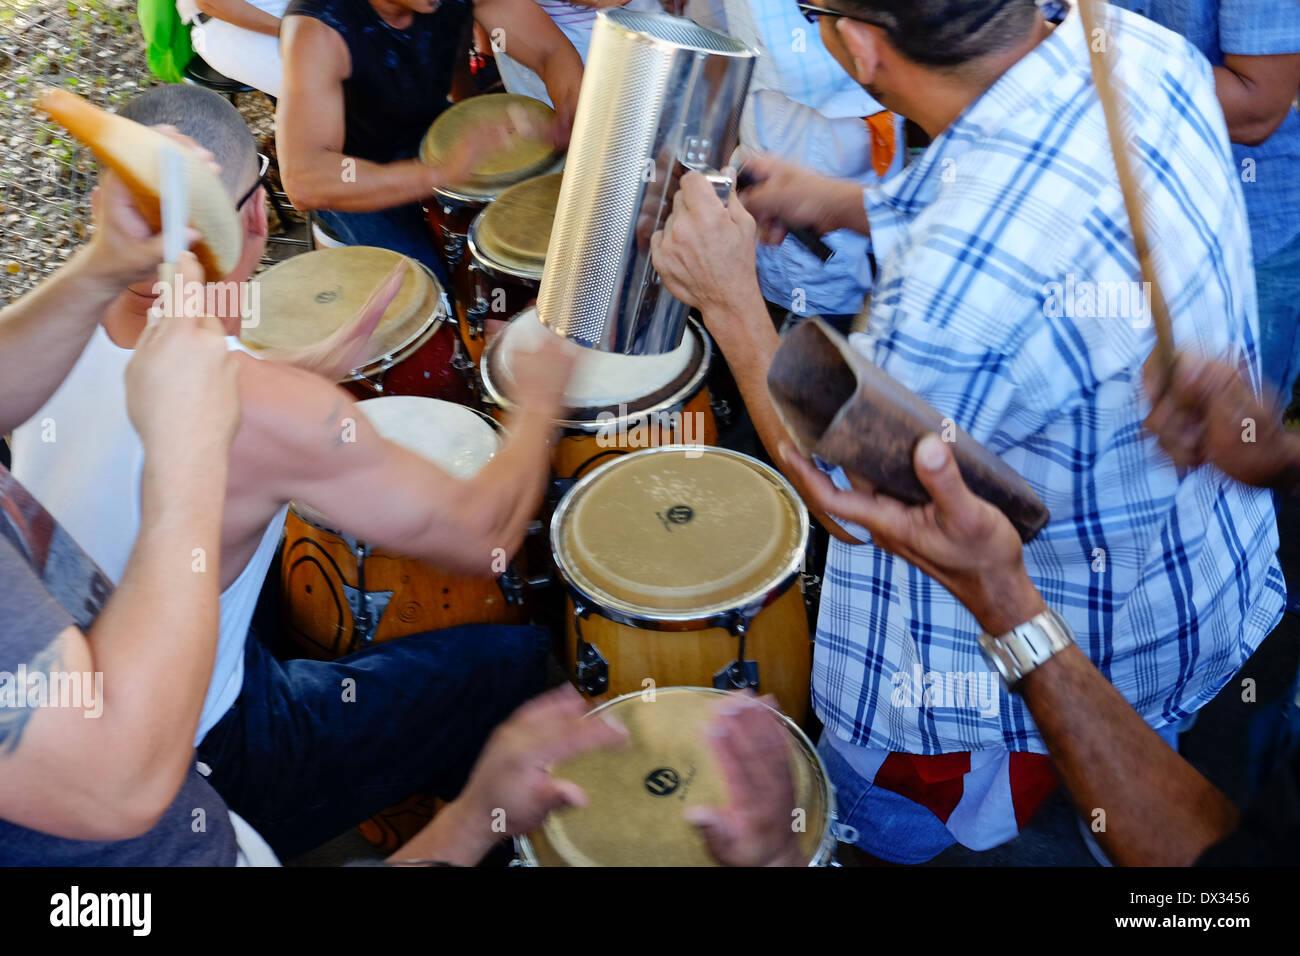 MIAMI - Marzo 9, 2014: banda de música en las calles de calle 8 durante el 37º Festival de la Calle Ocho, un evento anual que tiene lugar a lo largo de la Calle Ocho en la Pequeña Habana con mucha música, comida, y es la mayor parte de la ciudad que celebra la Herencia Hispana. Imagen De Stock